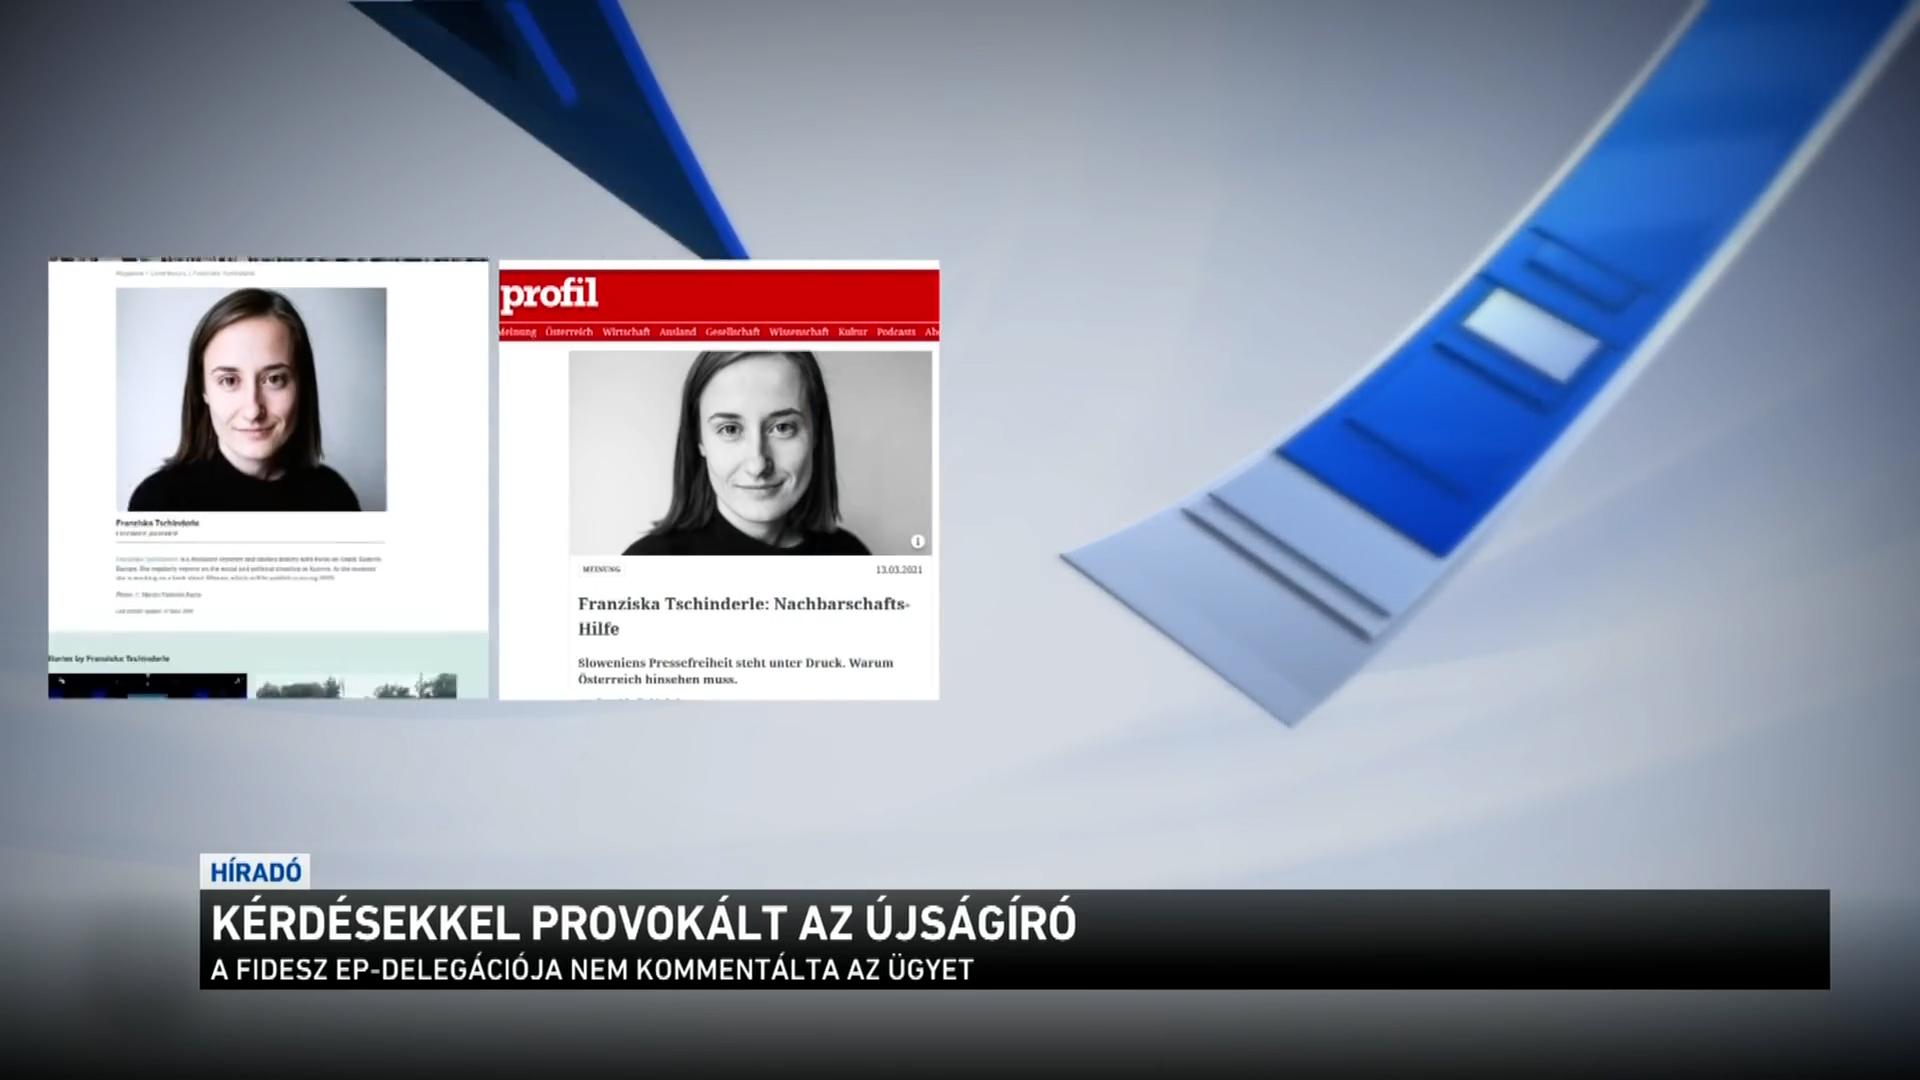 """""""Ez nem rólunk, hanem a magyar kollégákról szól"""" - mondja a magyar közmédiában kérdezéssel vádolt osztrák újságíró"""